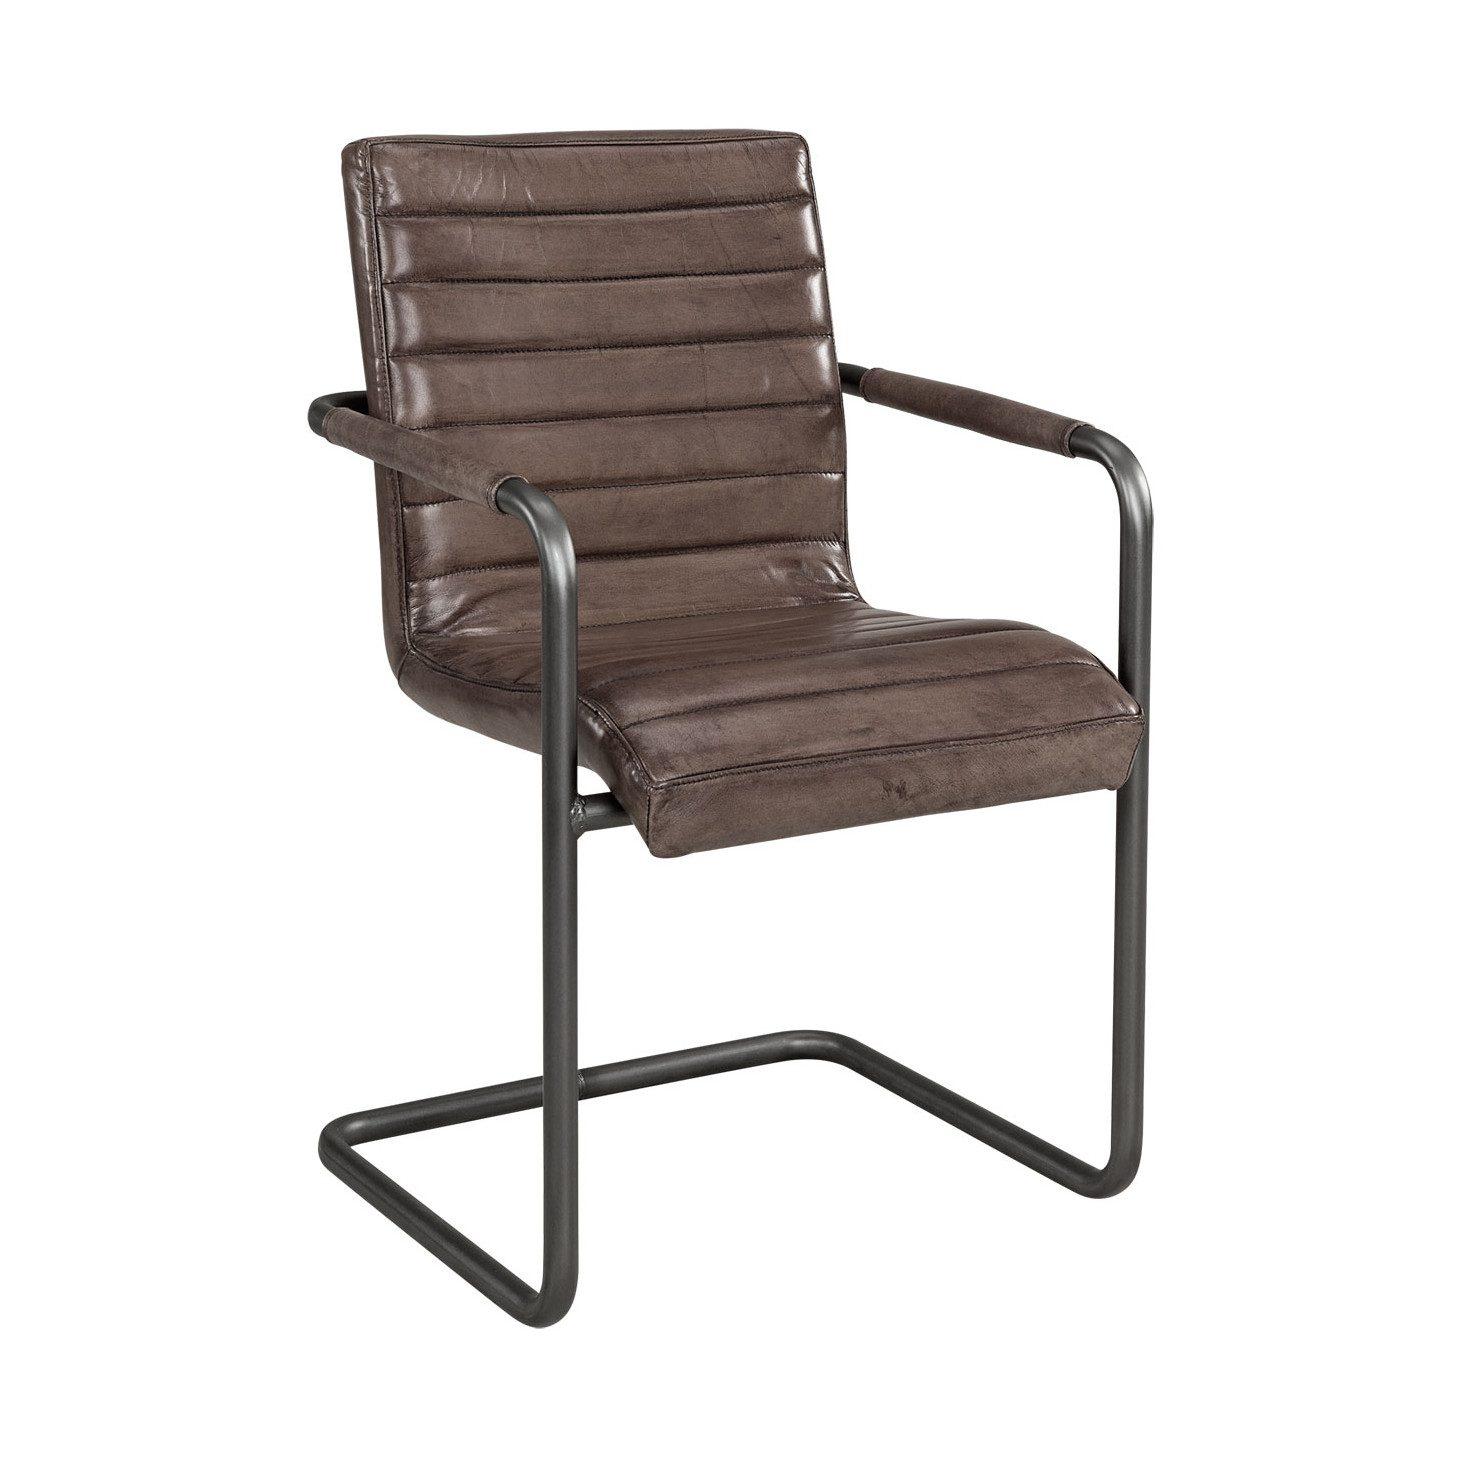 Sabina stol i leather lampre i mörkbrun färg från Artwood.